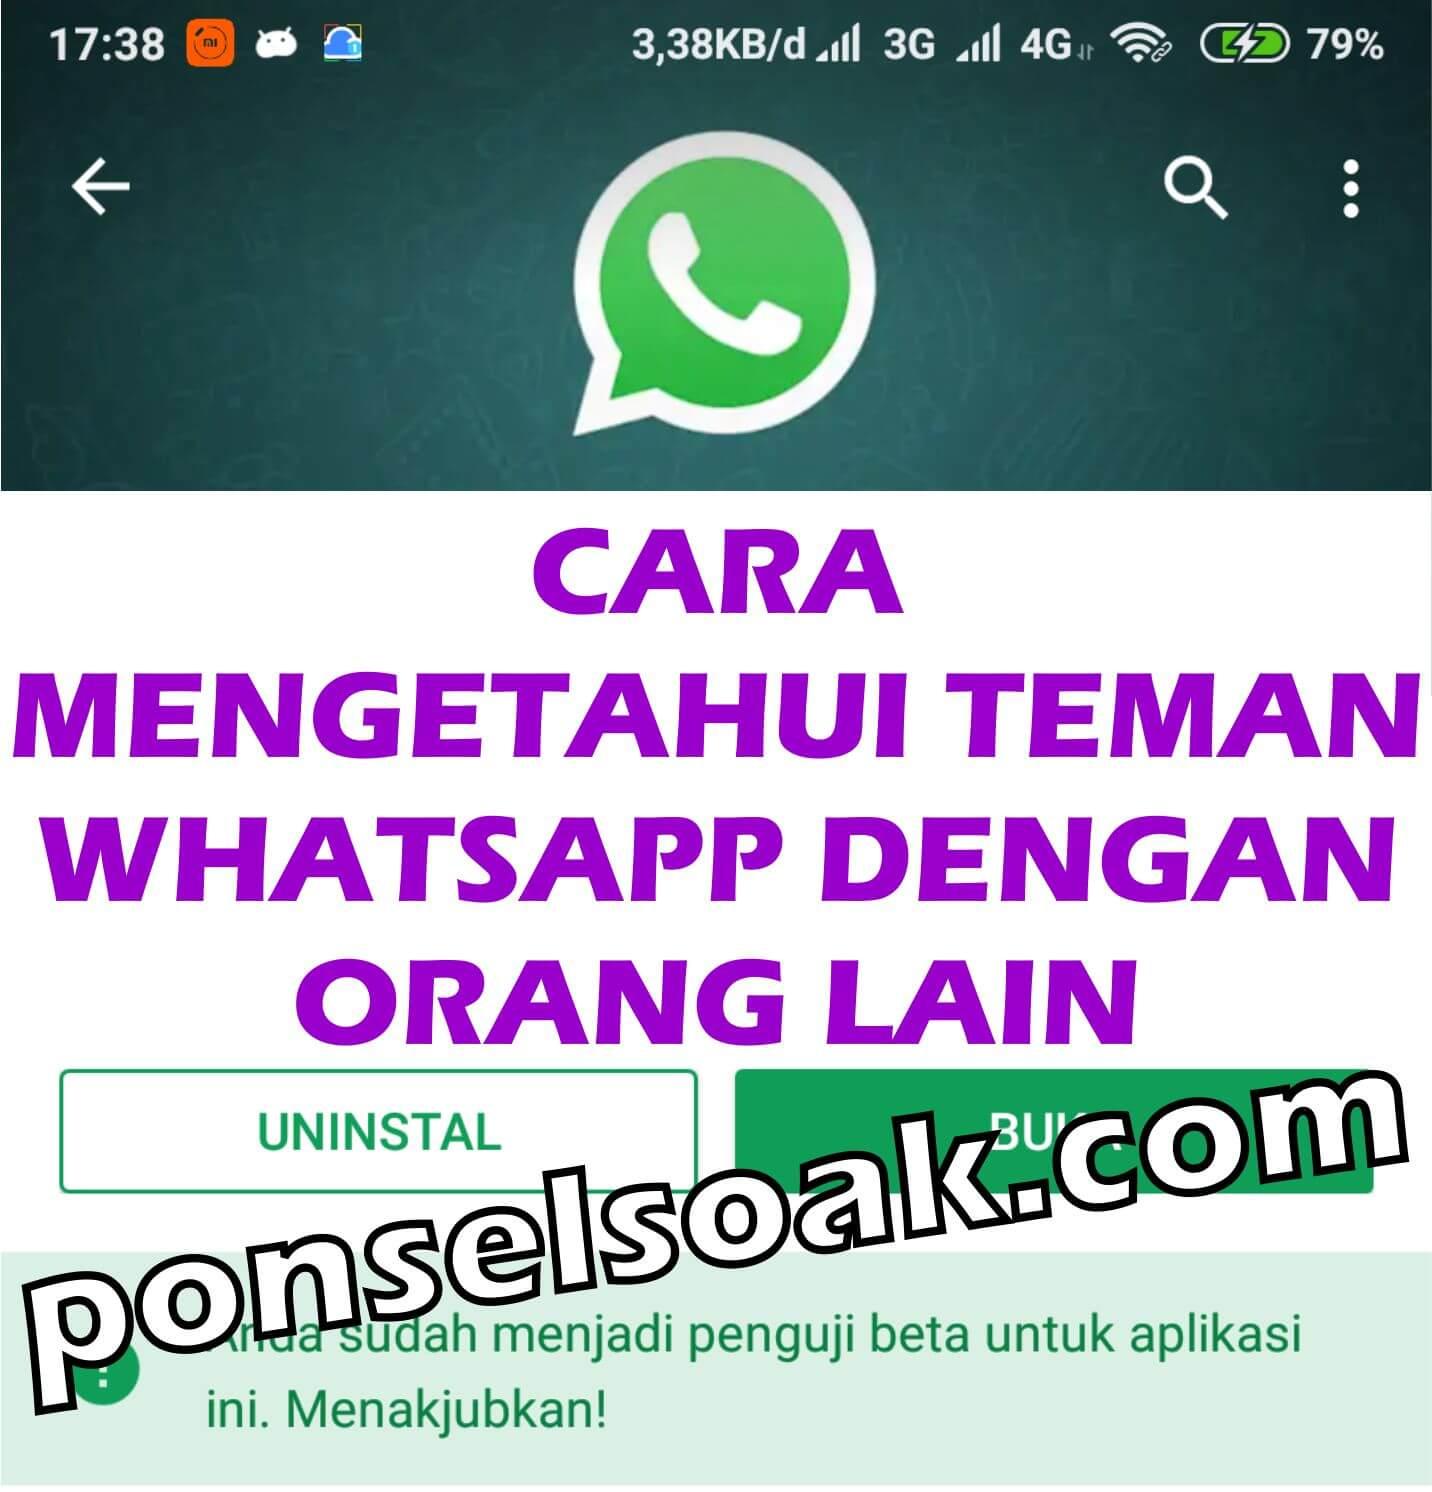 Cara Mengetahui Teman WhatsApp Online Dengan Orang Lain